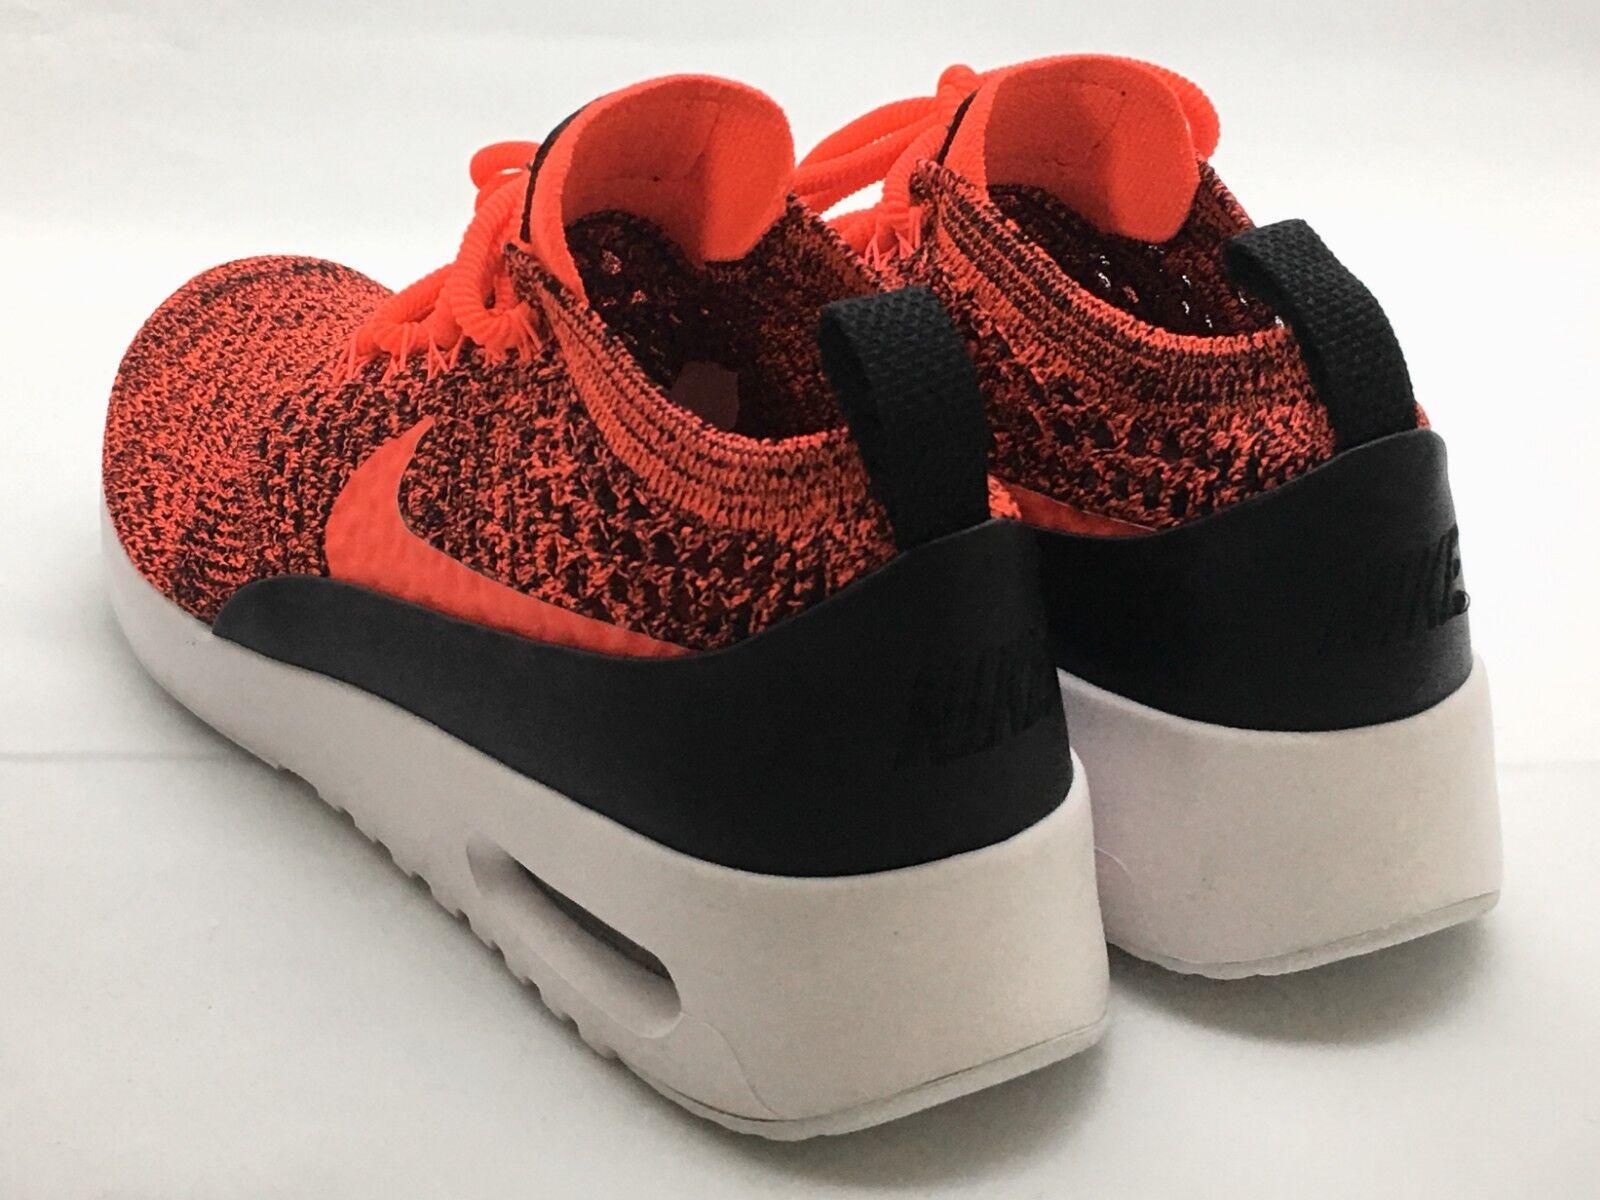 brand new 8c19b 82613 ... Nike air max 1 adventure adventure adventure pack 309717-301 jade stone    grigio esercito